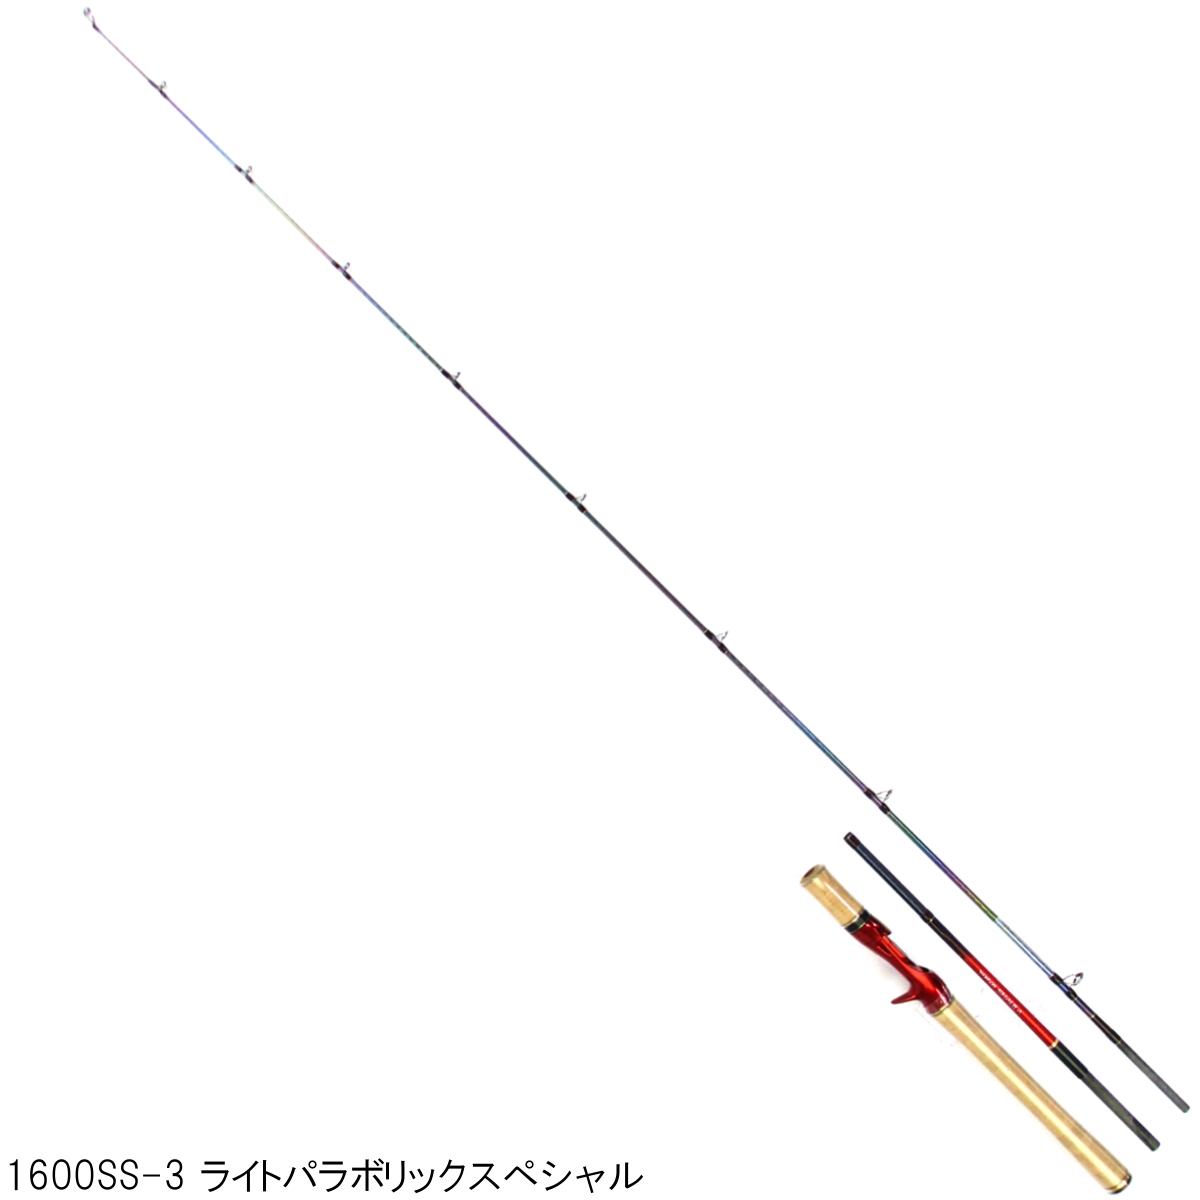 シマノ ワールドシャウラ (ベイト) 1600SS-3 ライトパラボリックスペシャル